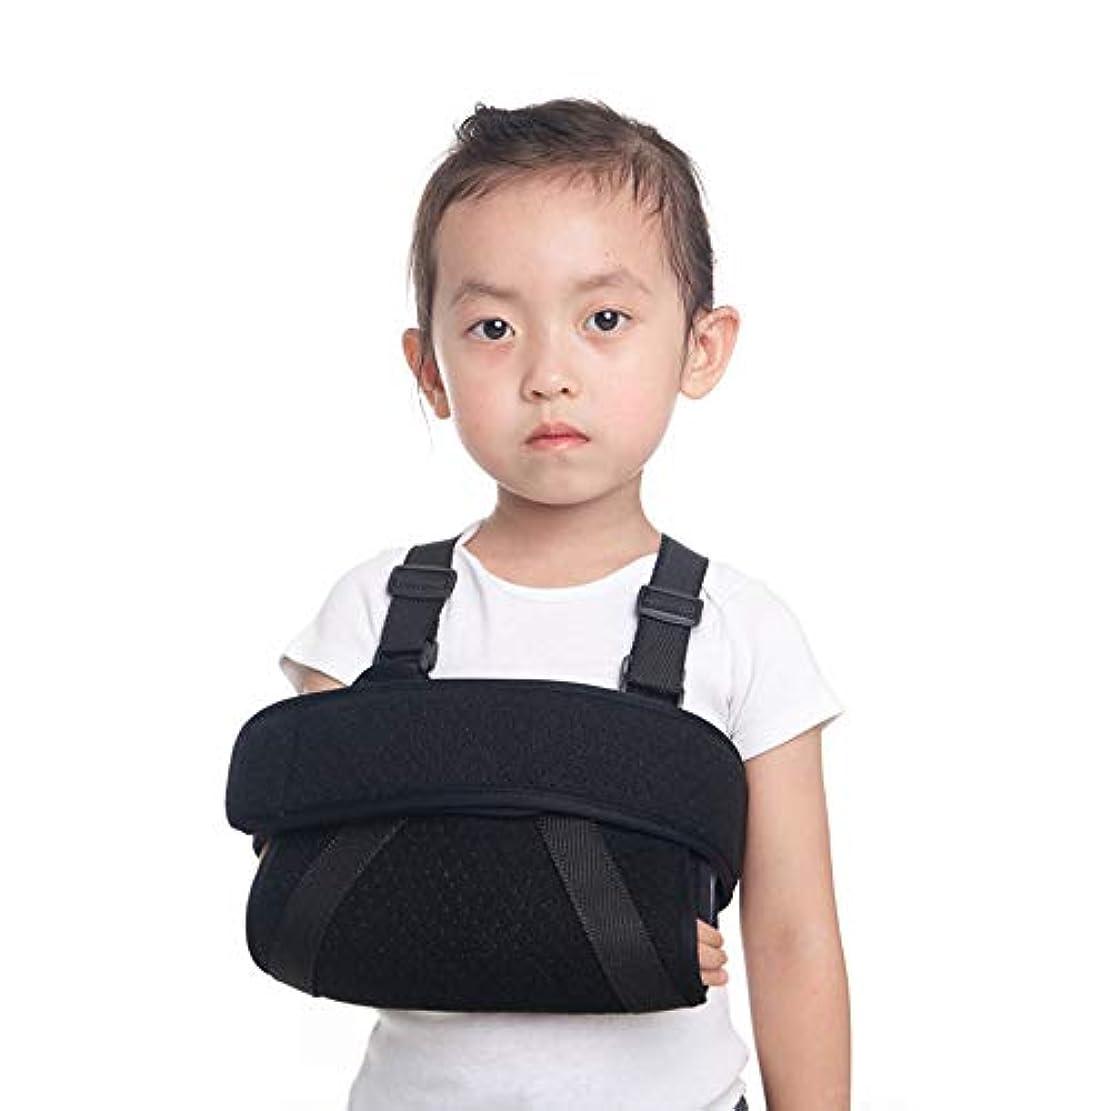 順応性生まれカルシウムキッズフラクチャリングスリング、アームエルボーフラクチャ固定ブレース、6-10歳の子供の 手首脱臼保護サポート,S